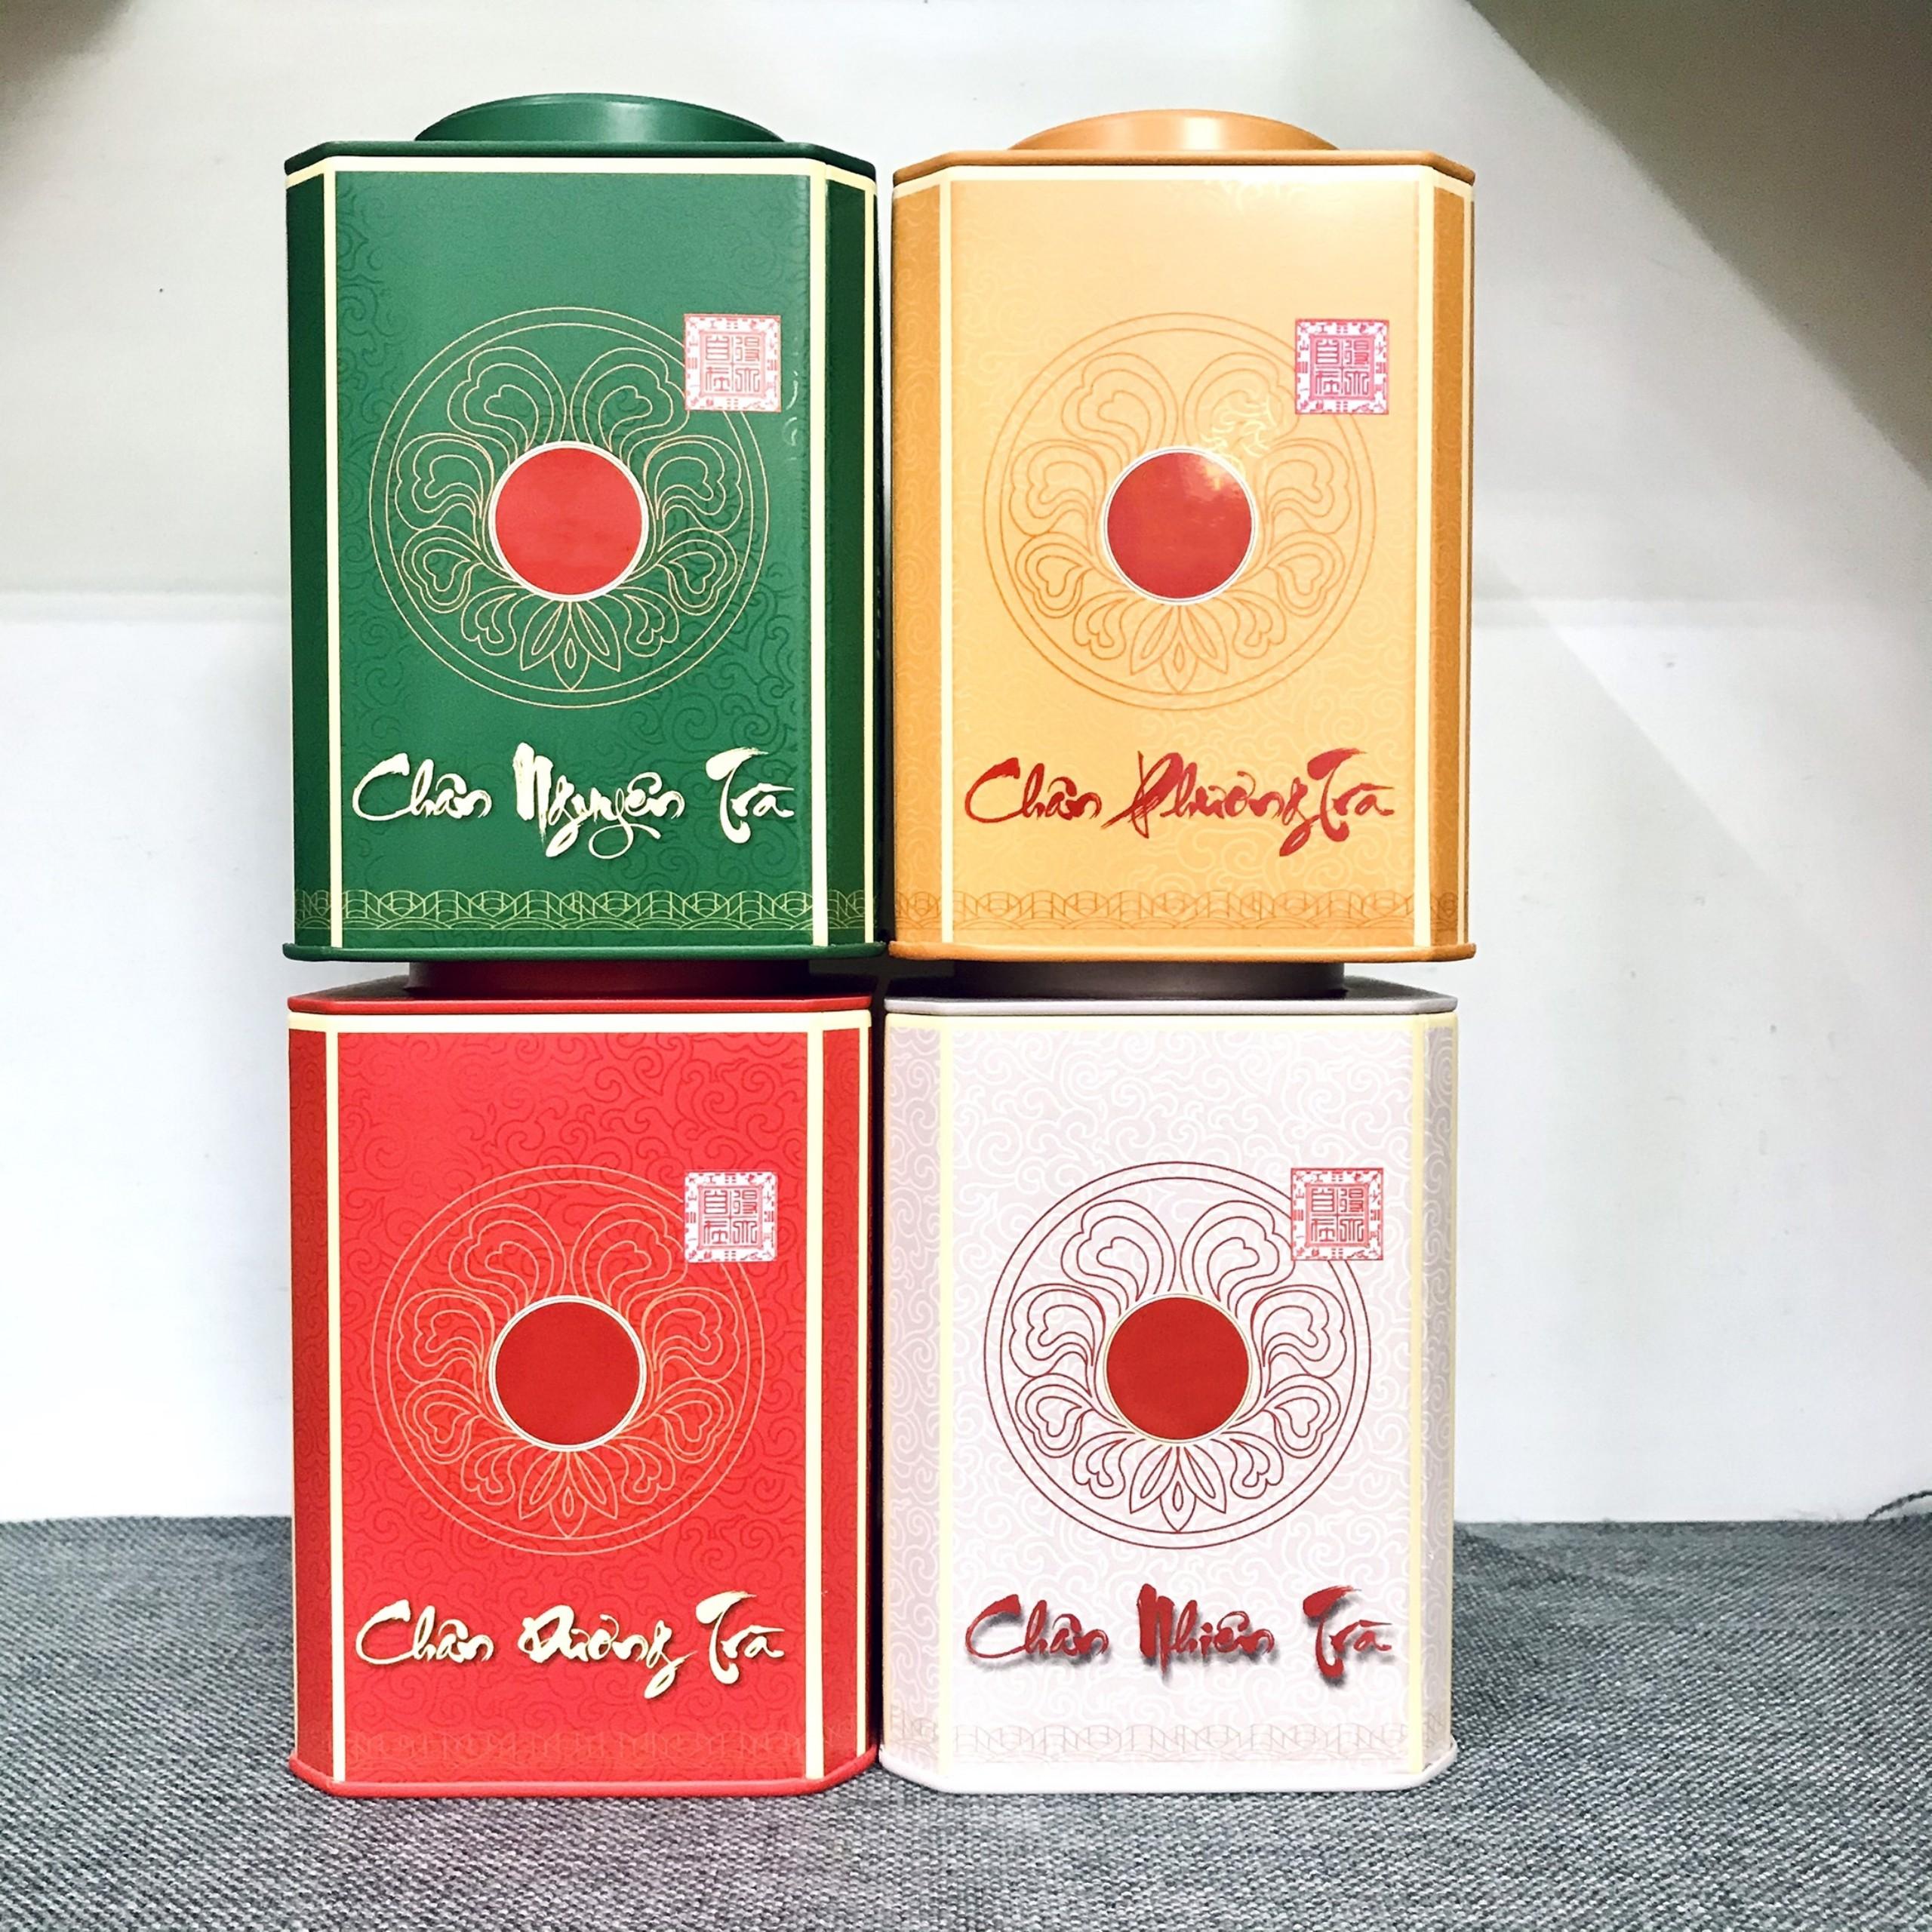 Hộp vuông đựng trà bằng thép màu đỏ